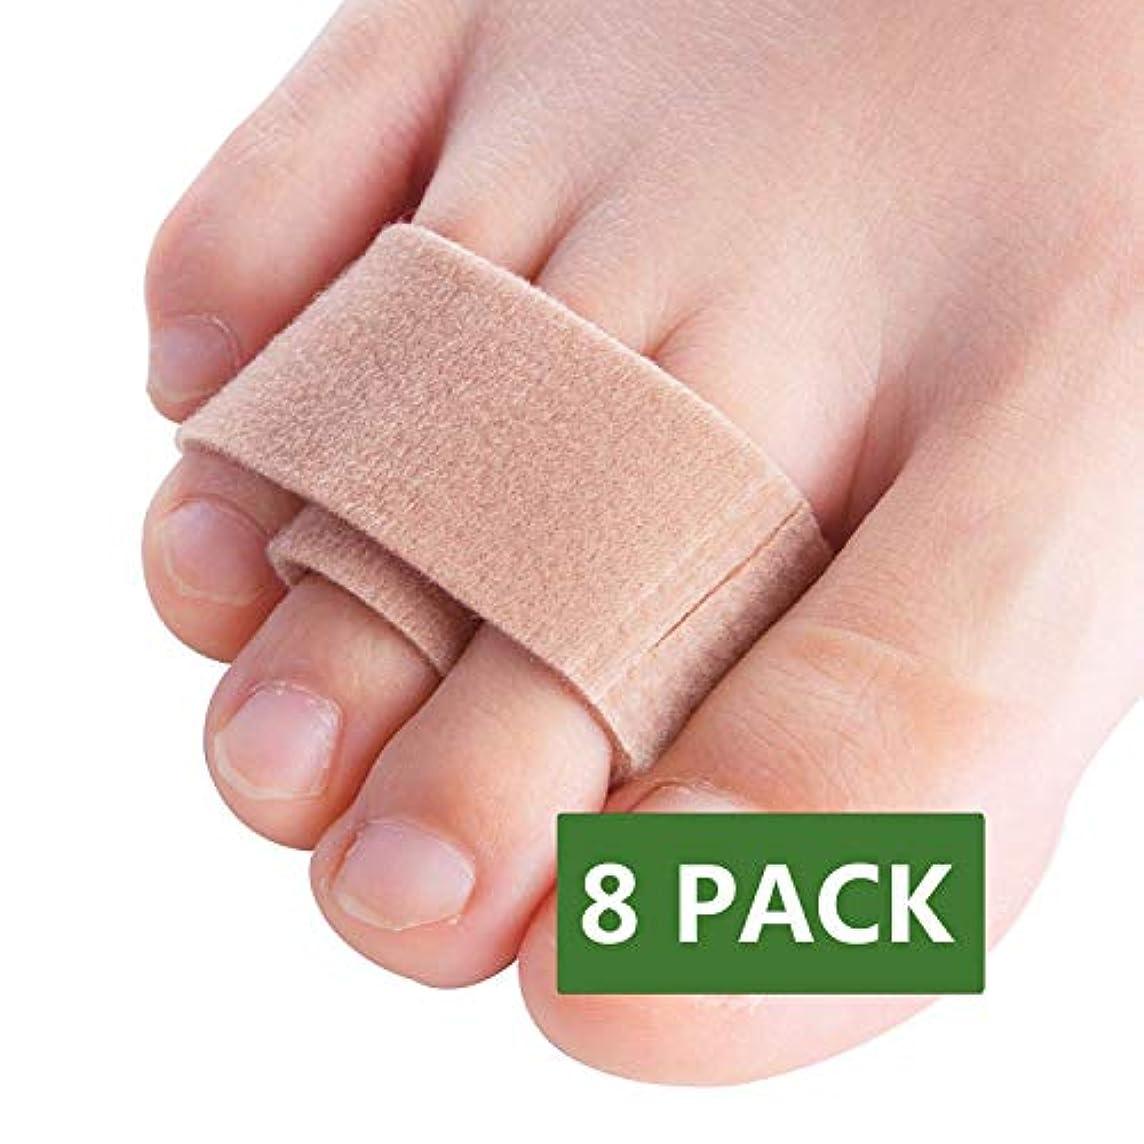 ずっとほこりっぽい思想Povihome ハンマーつま先矯正テープ、つま先がスプリントを包んでハンマーのつま先を再調整8パック、重ねた足の指と曲がった足の指